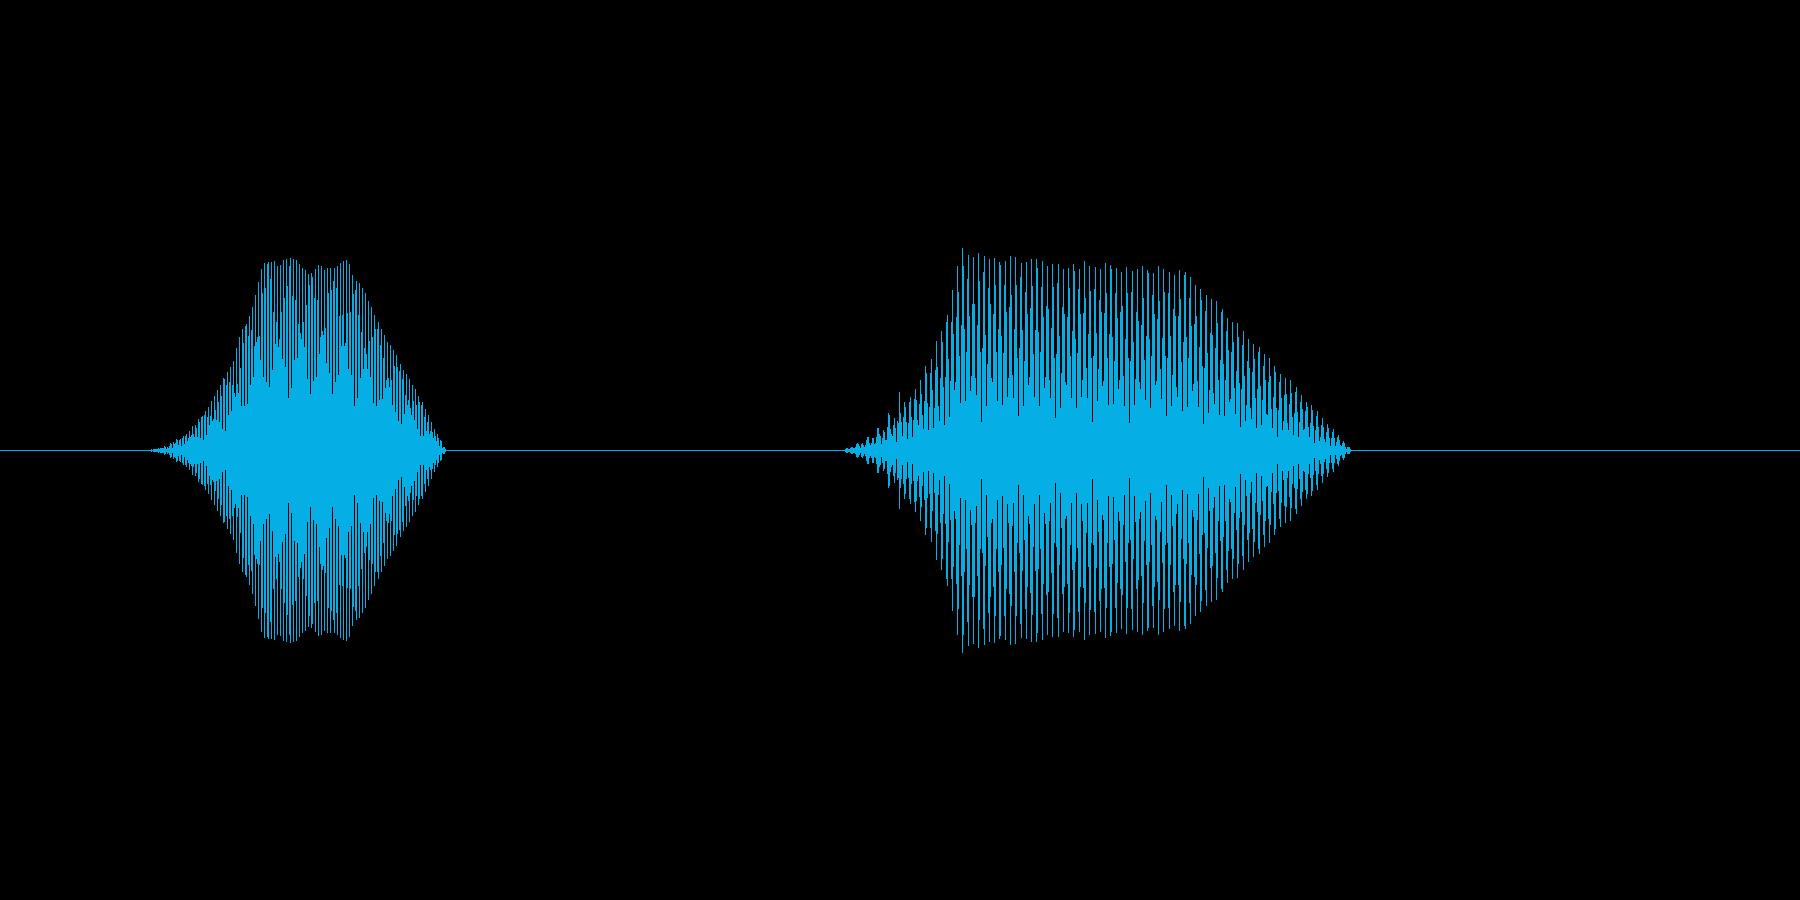 ファミコン風効果音 キャンセル系 17の再生済みの波形